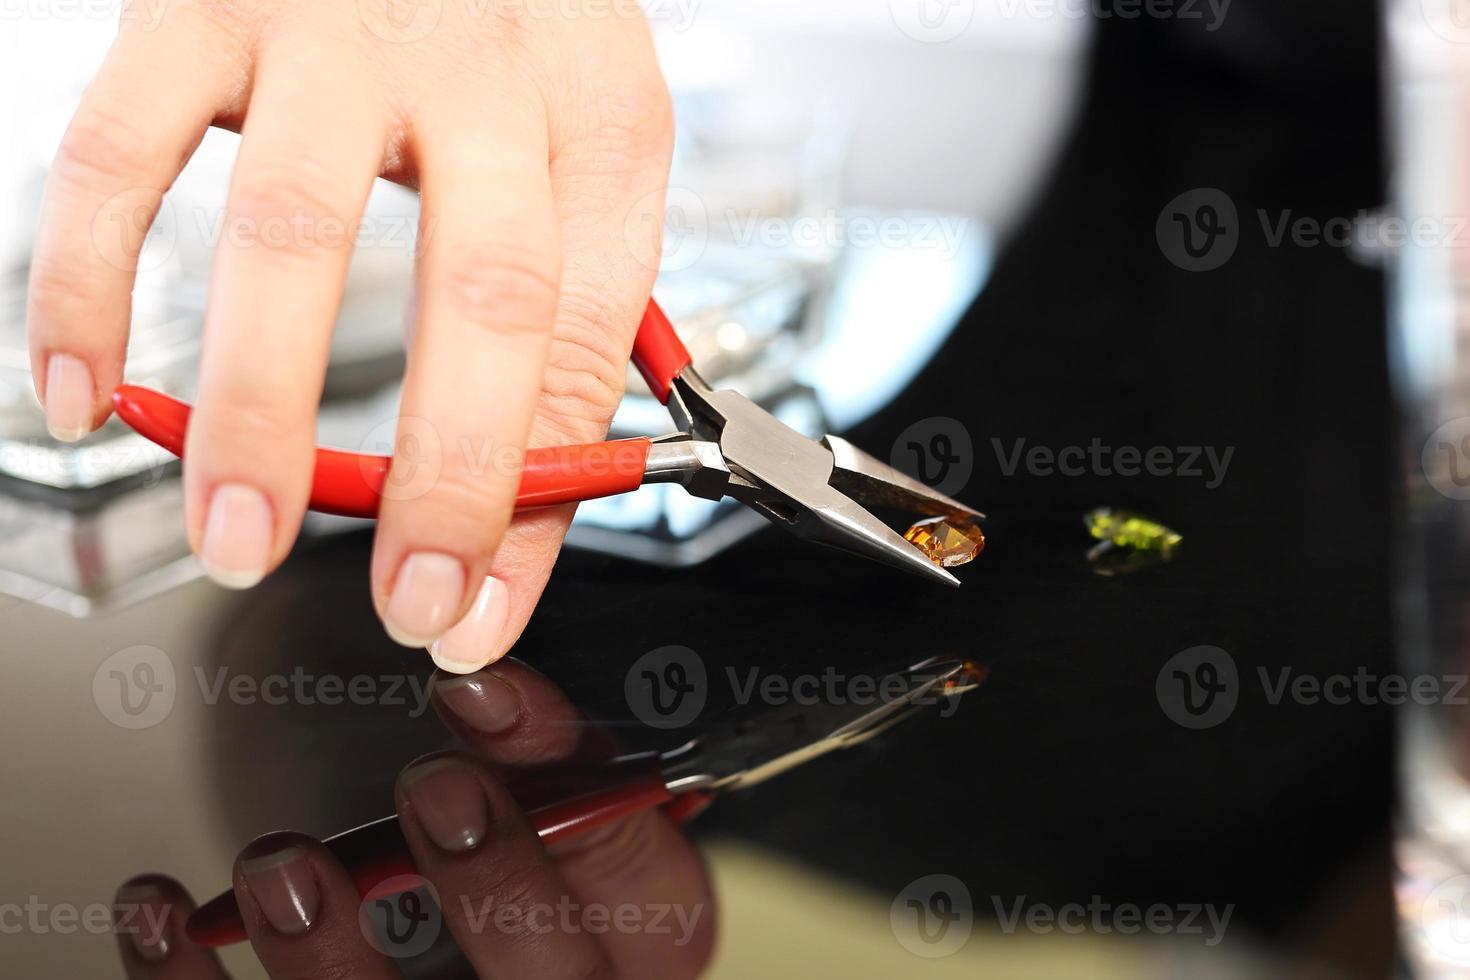 creare una collana di ambra in un laboratorio di gioielleria foto